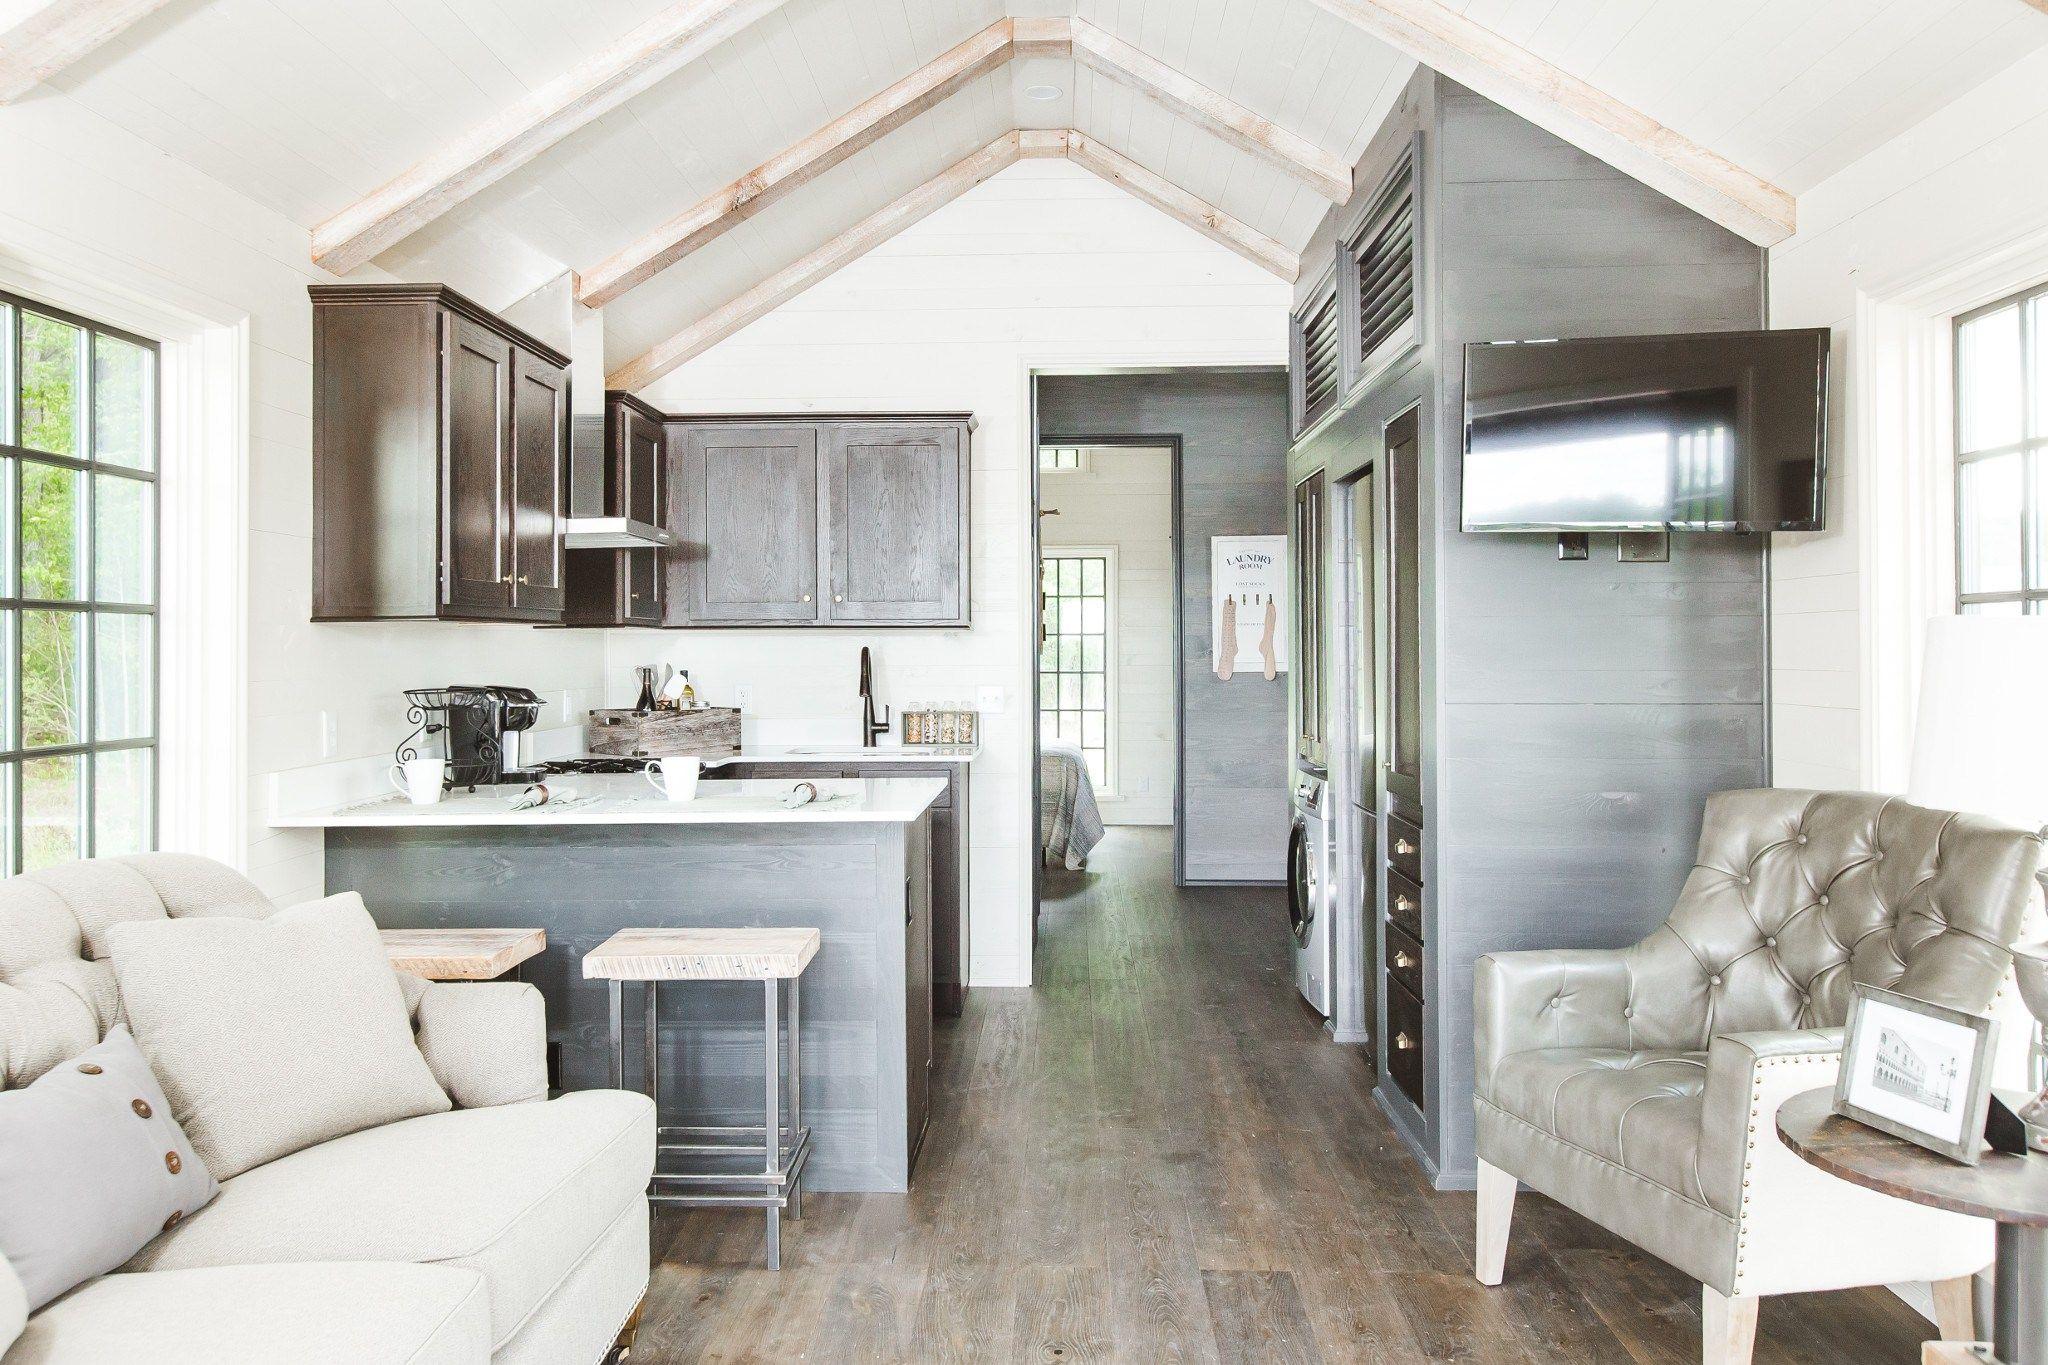 Awesome Design Modular Homes Contemporary - Home Decorating Ideas ...